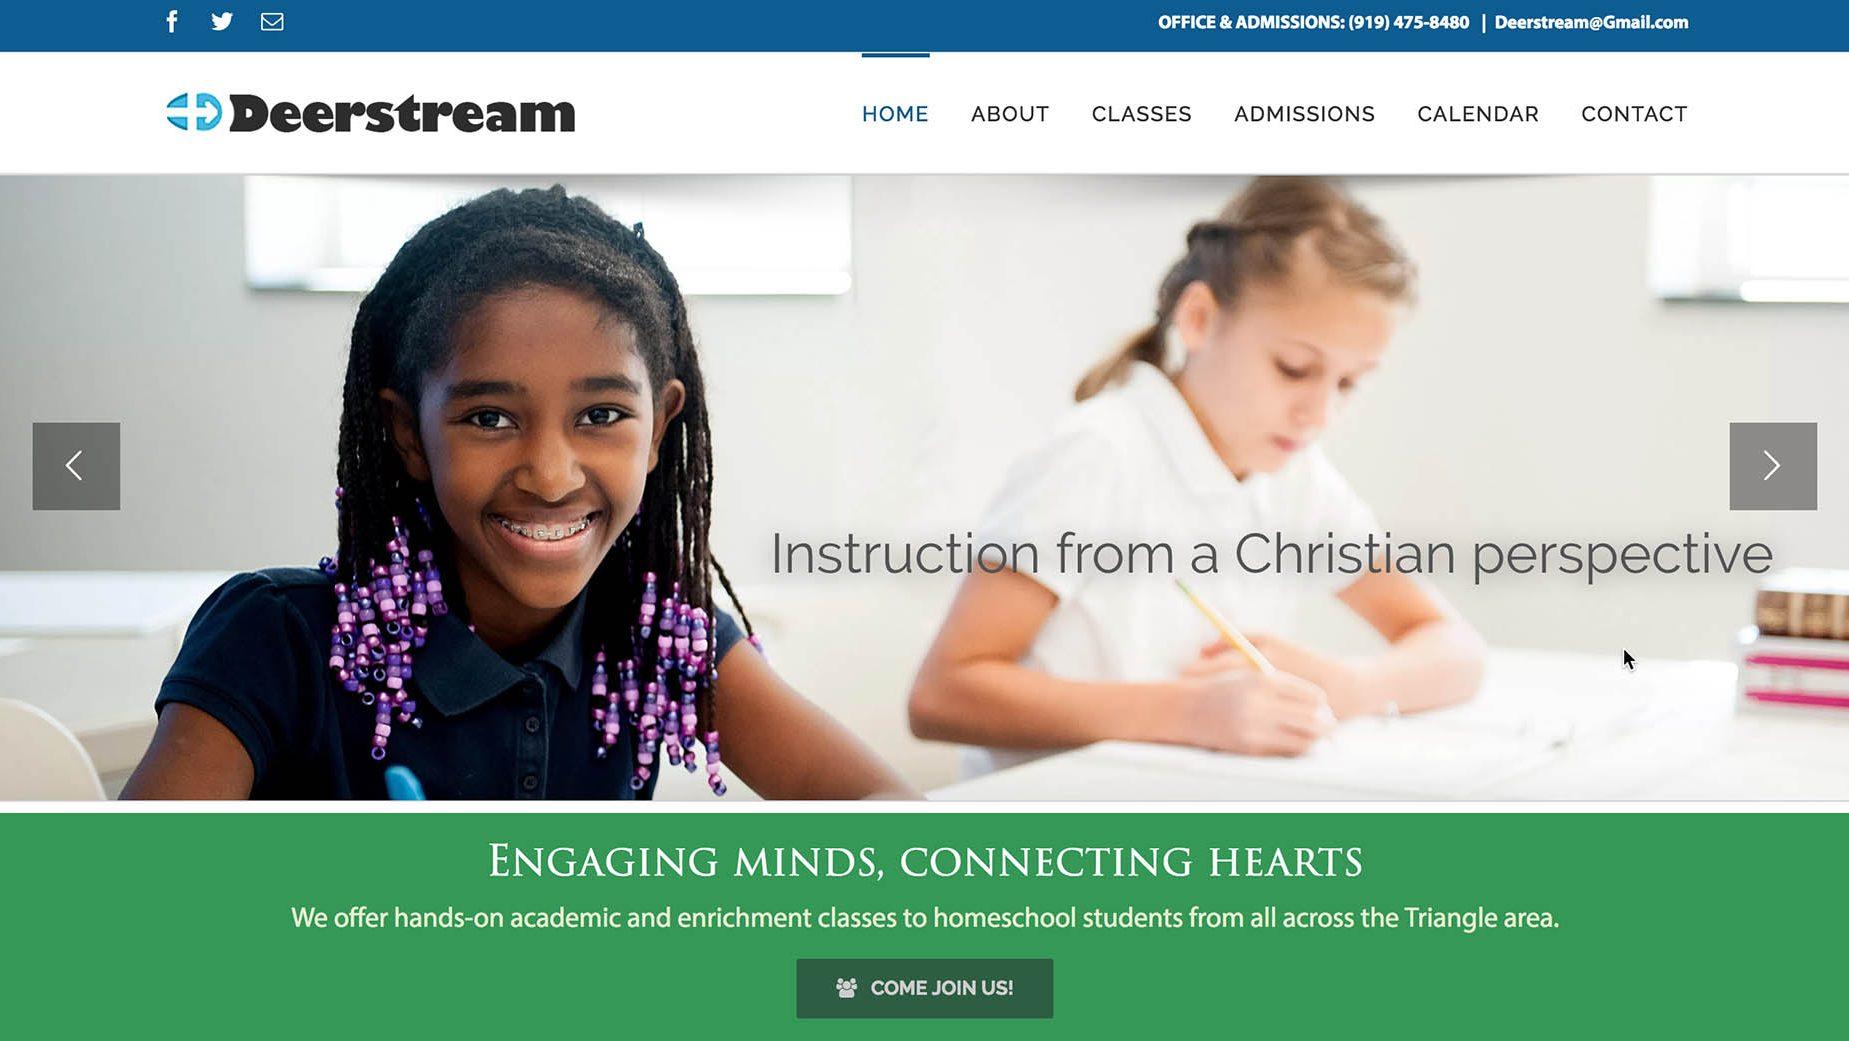 Deerstream Website